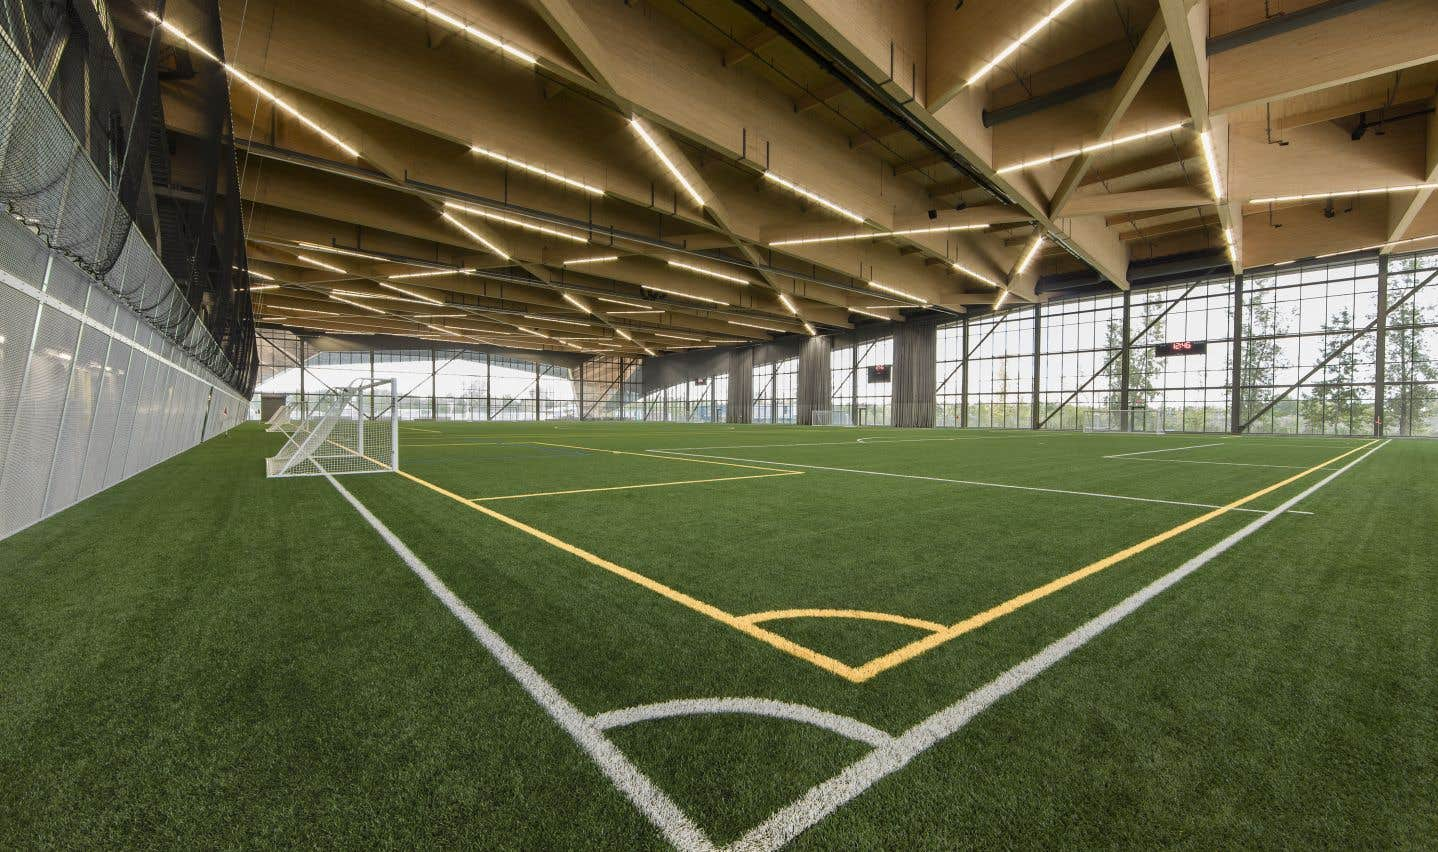 Le Stade de soccer de Montréal,Saucier+Perrotte Architectes et HCMA